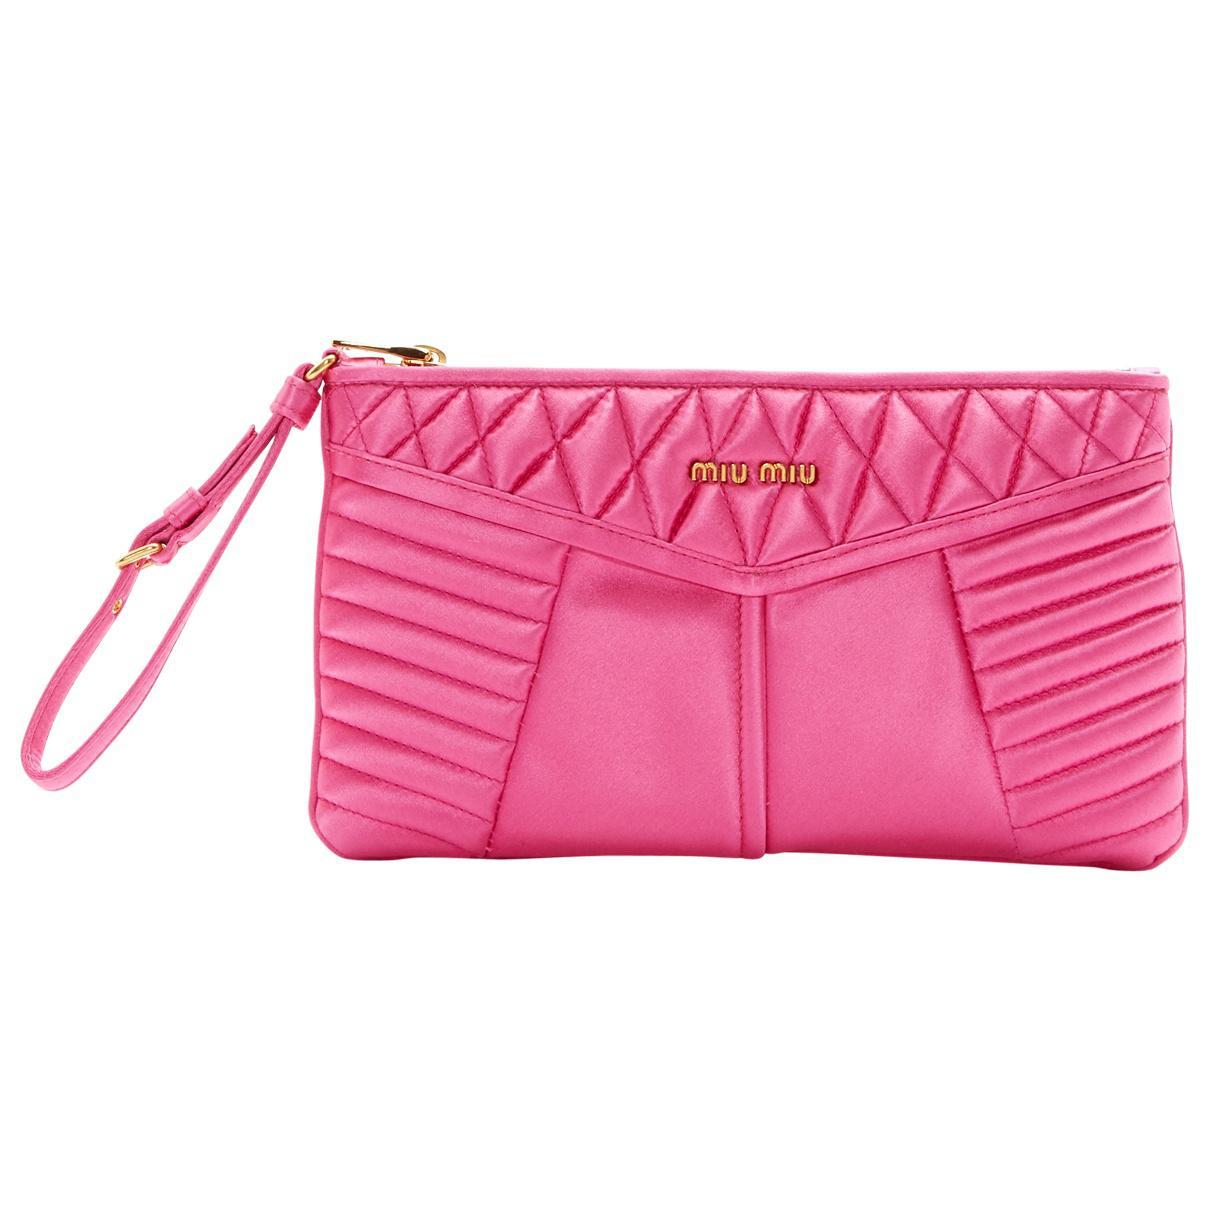 Pre-owned - Cloth clutch bag Miu Miu 4EoPCQM